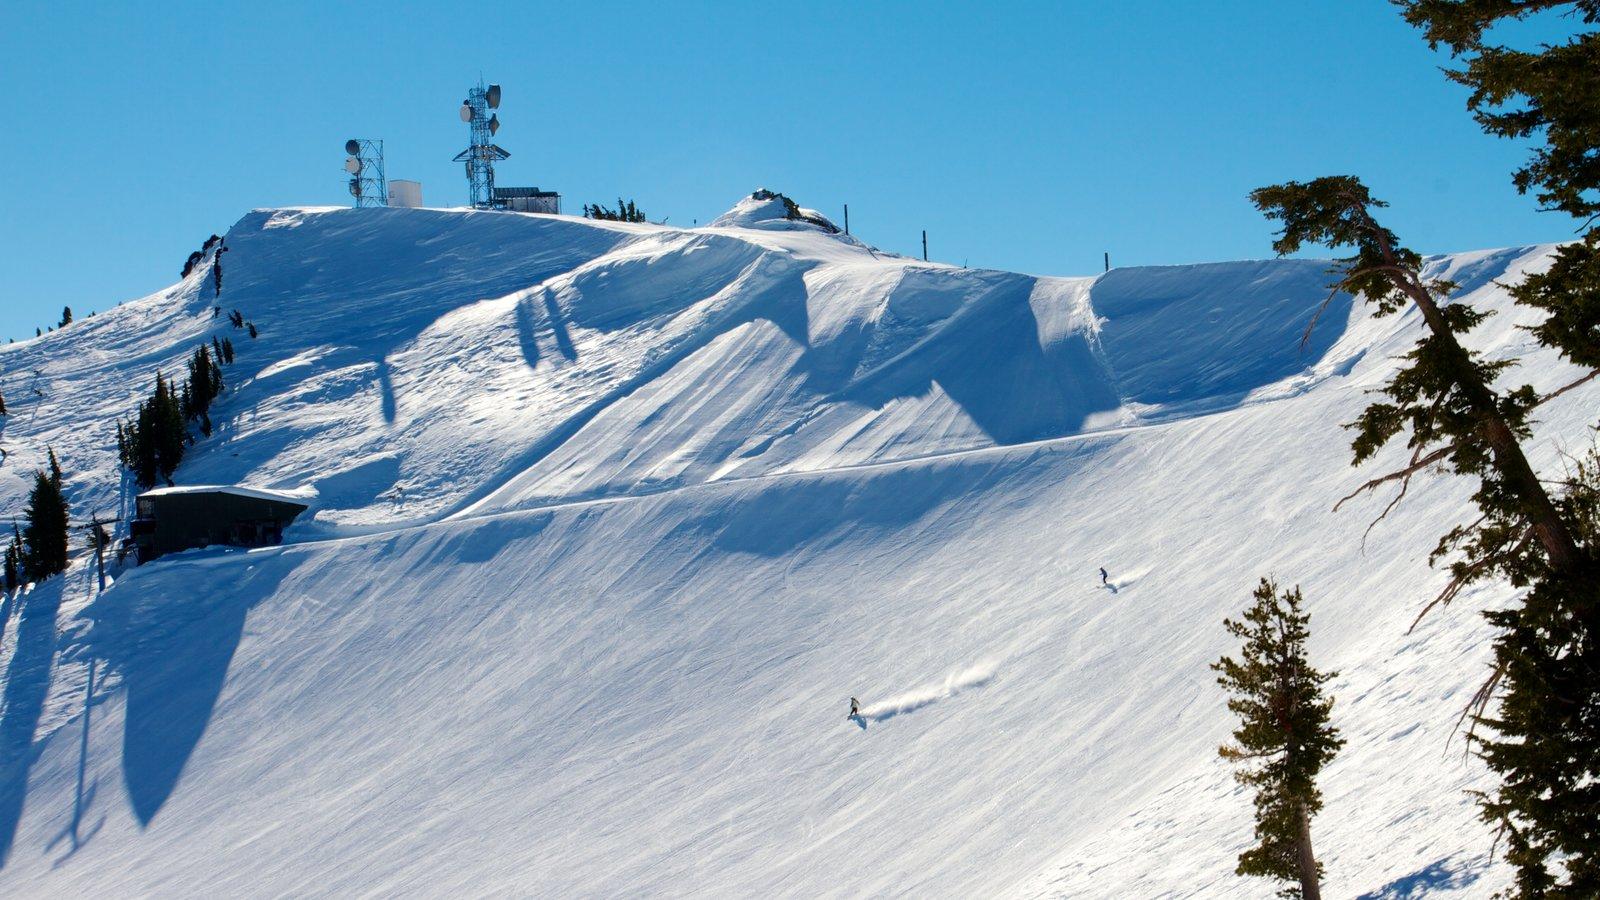 Alpine Meadows mostrando nieve, montañas y esquiar en la nieve